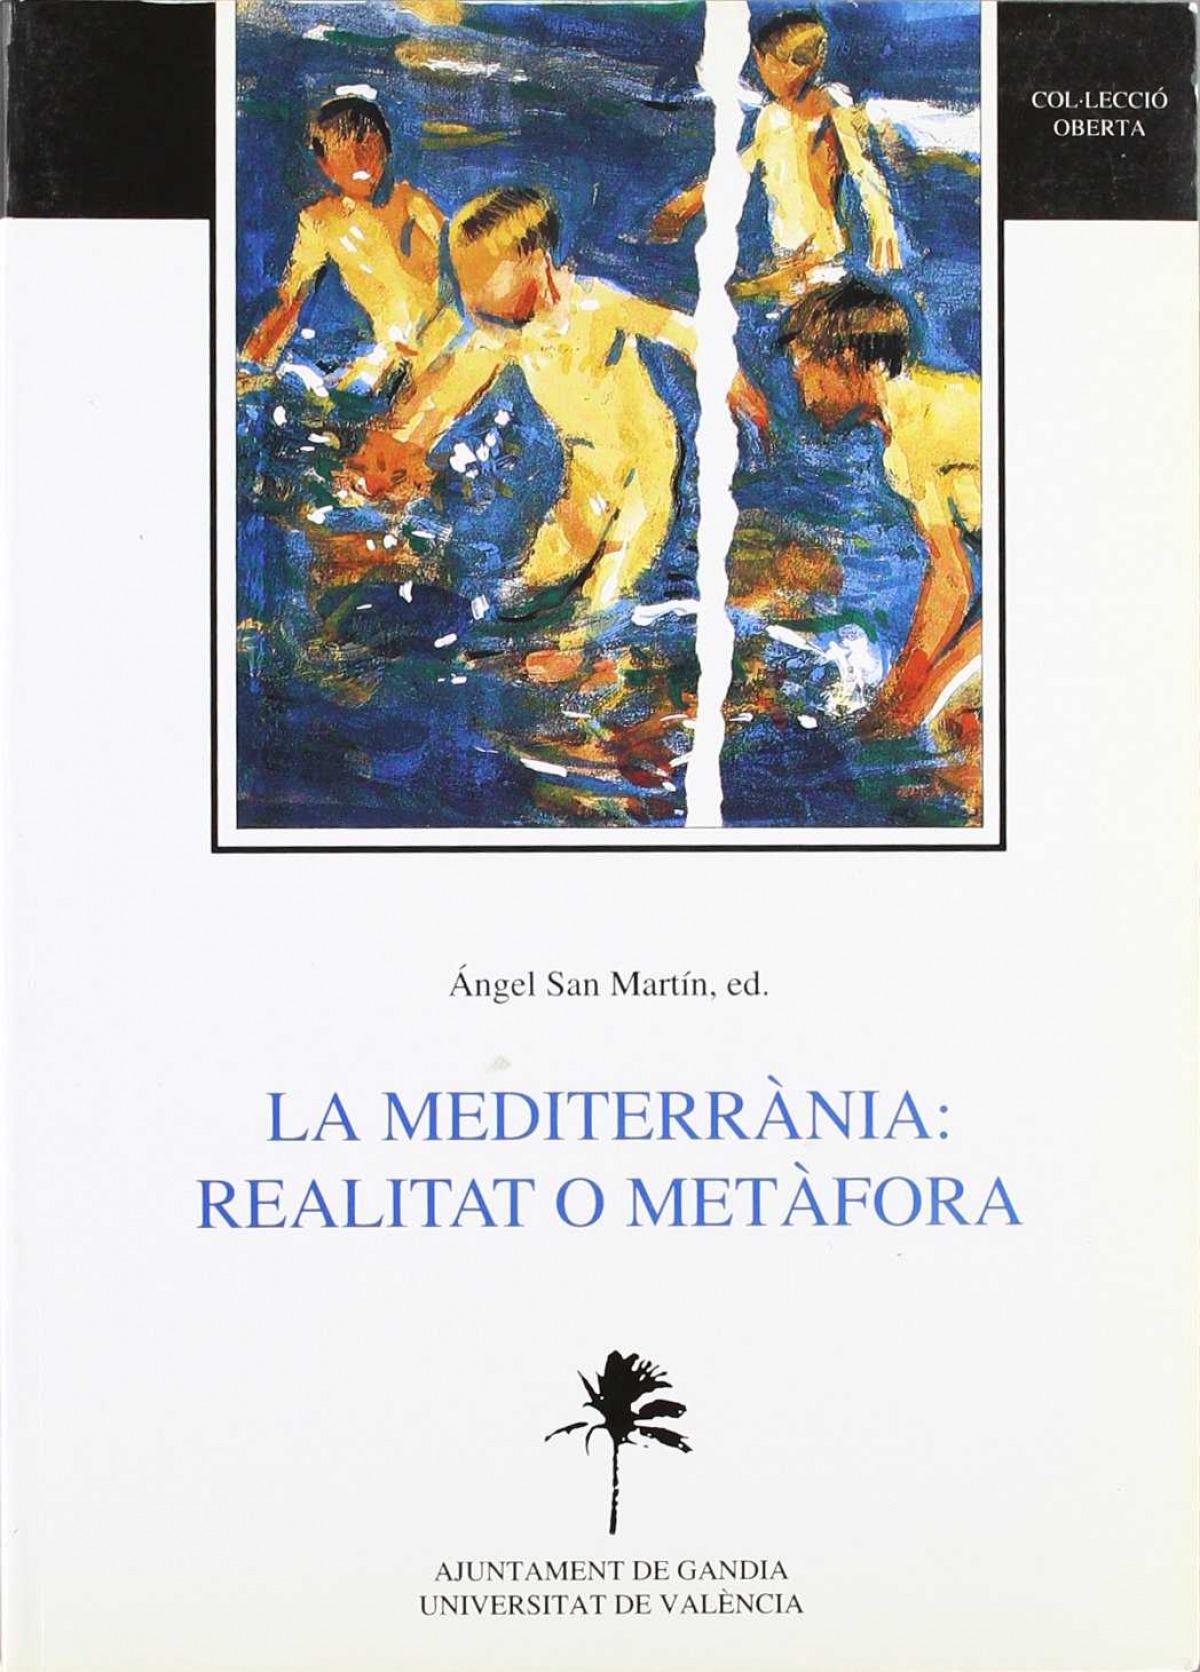 La Mediterrània: realitat o metàfora IX Universitat d'Estiu a Gandia